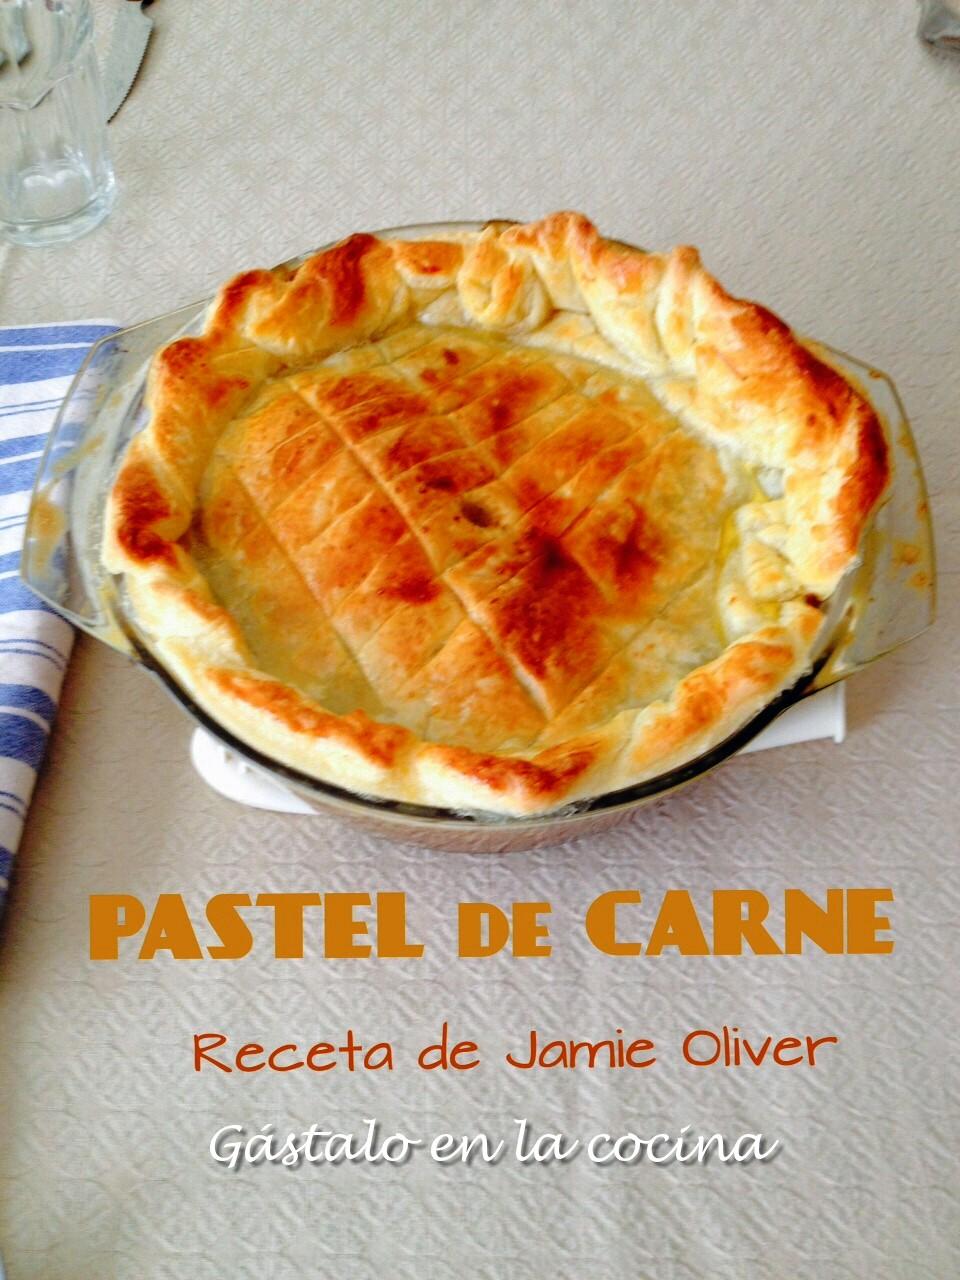 Gástalo en la cocina: PASTEL DE CARNE DE JAMIE OLIVER